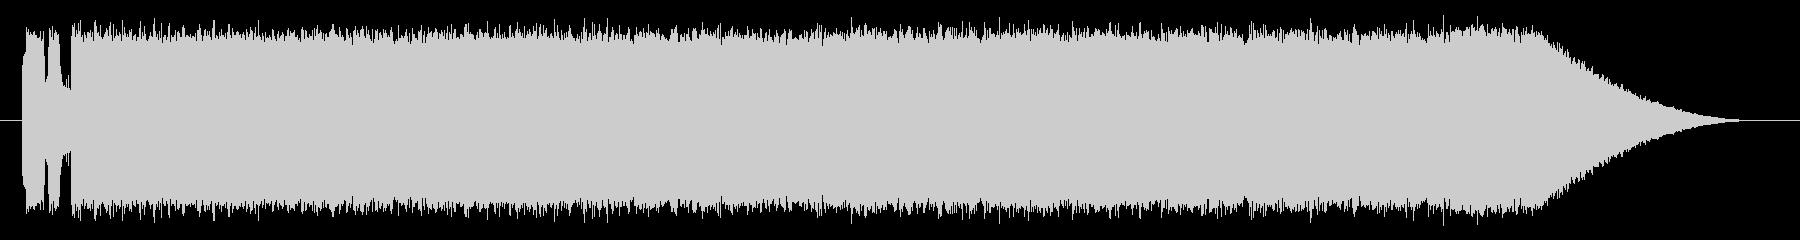 DJENT メタルコア プログレッシブ の未再生の波形